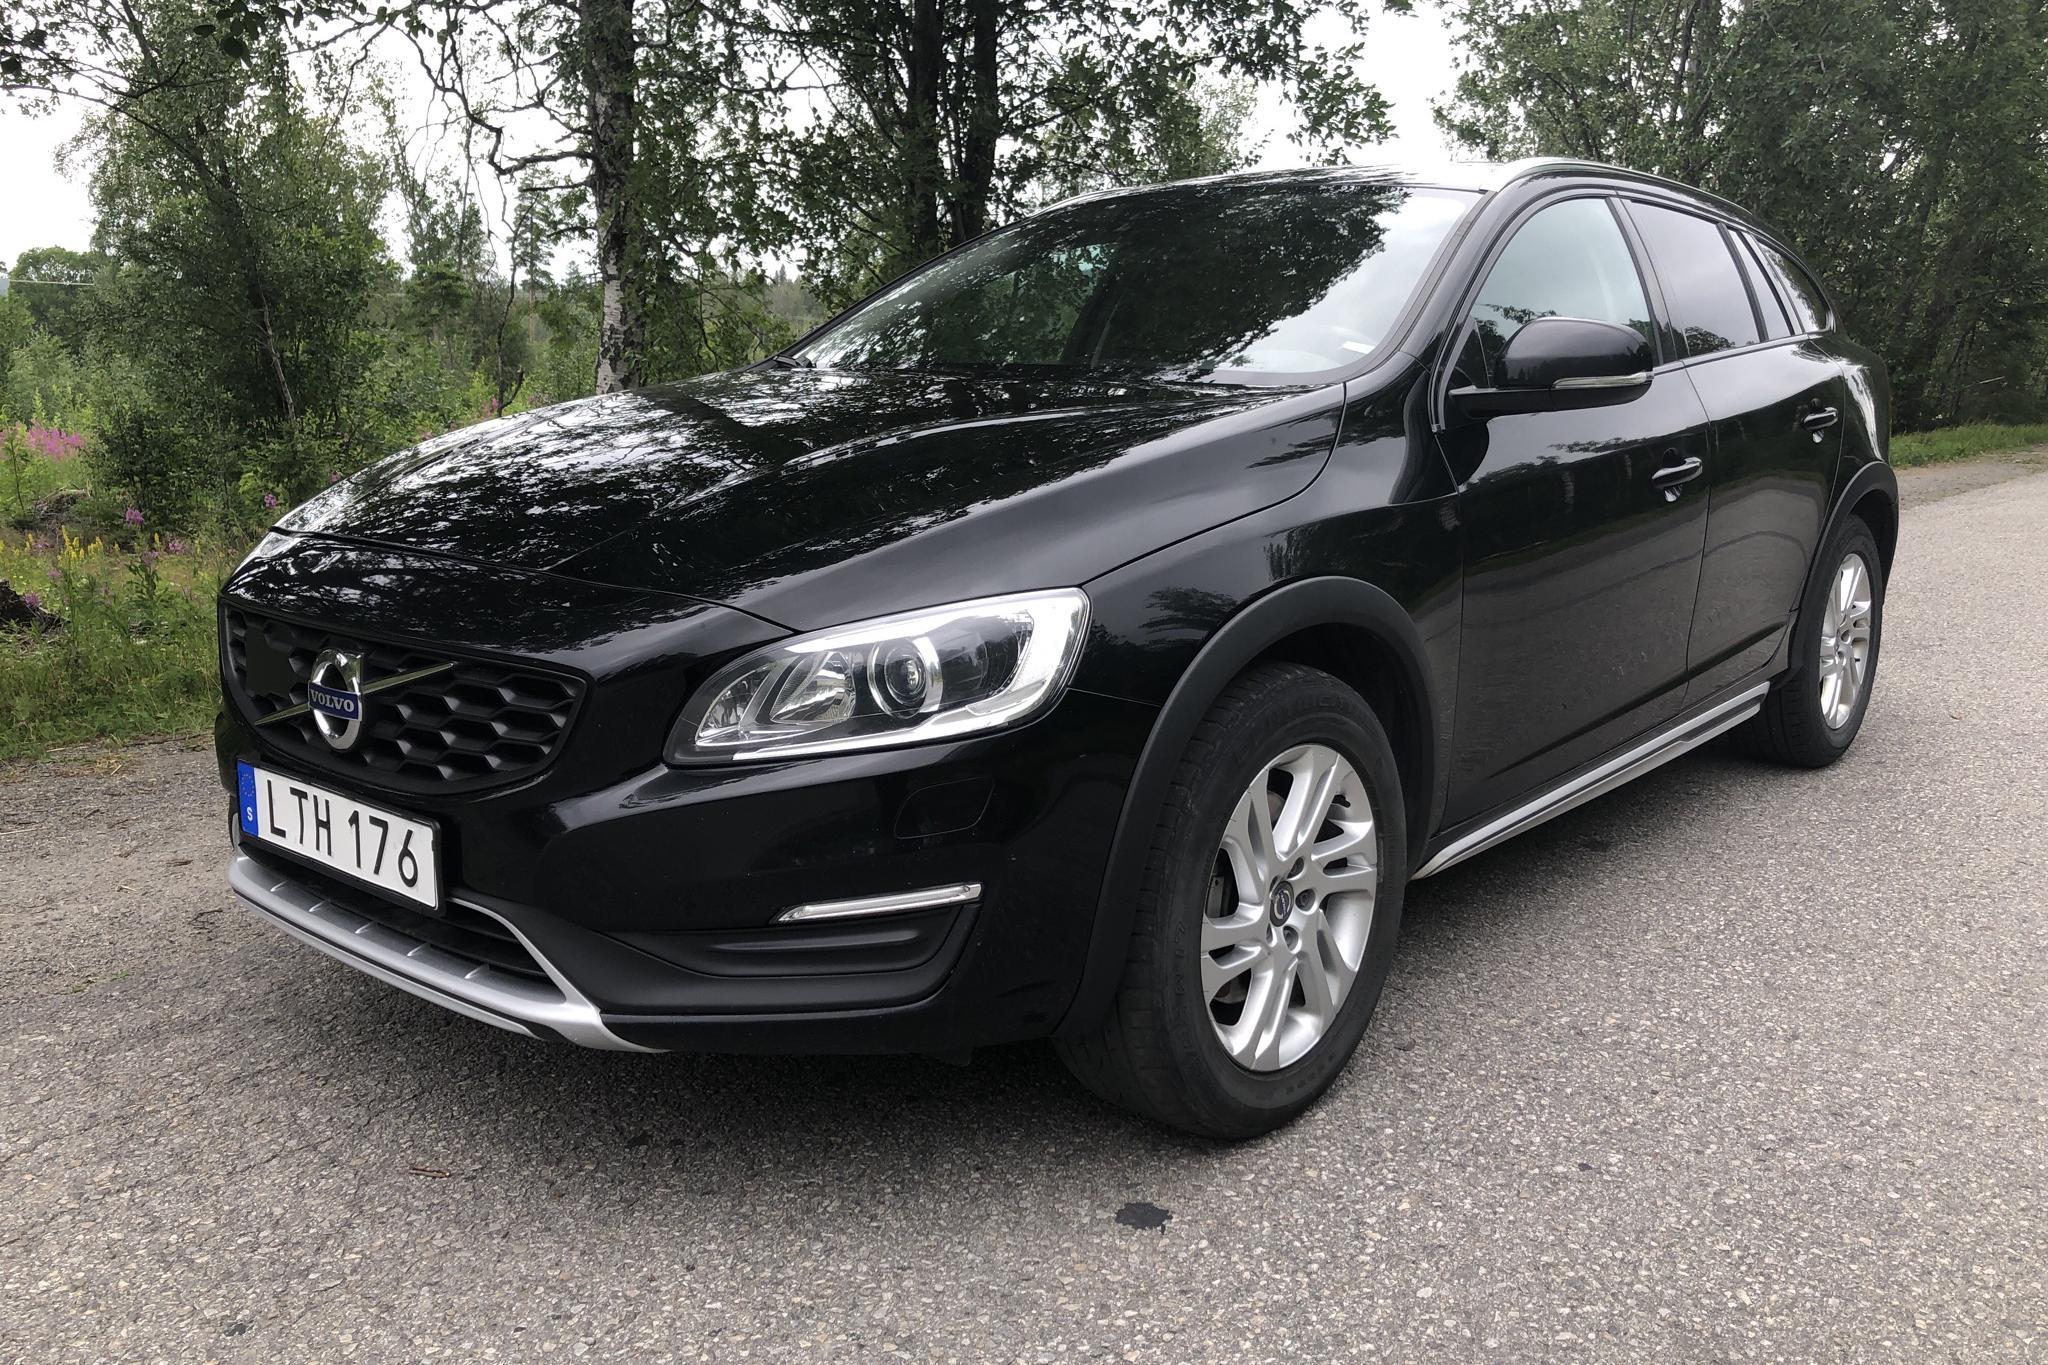 Volvo V60 D4 Cross Country AWD (190hk) - 129 650 km - Automatic - black - 2017